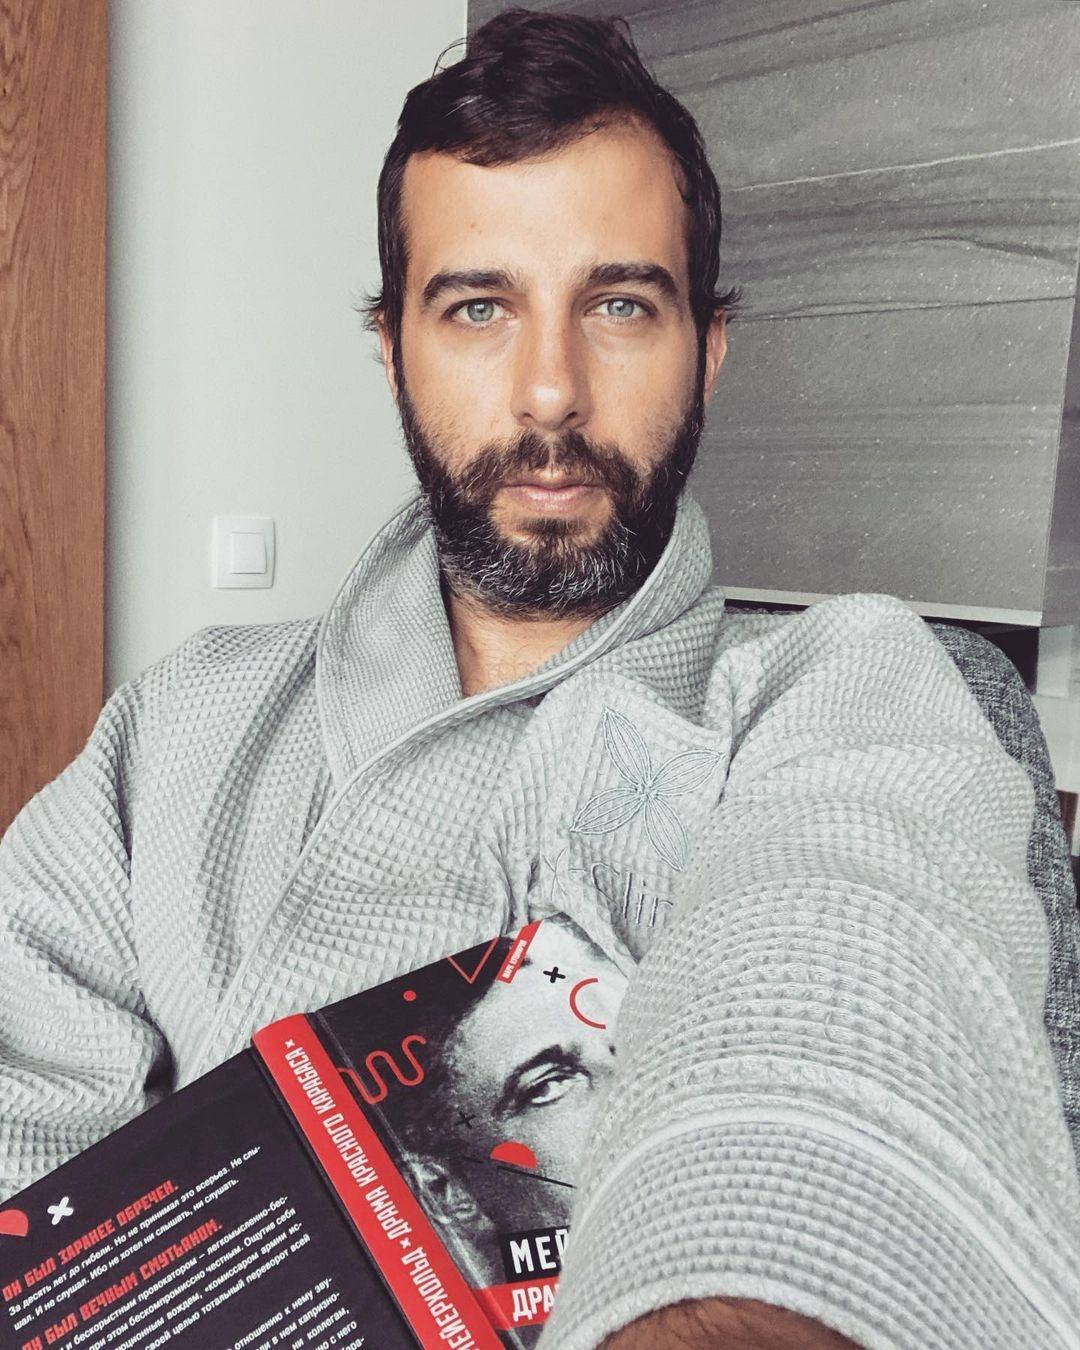 Иван Ургант отмечает день рождения: лучшие цитаты и высказывания шоумена - фото №1